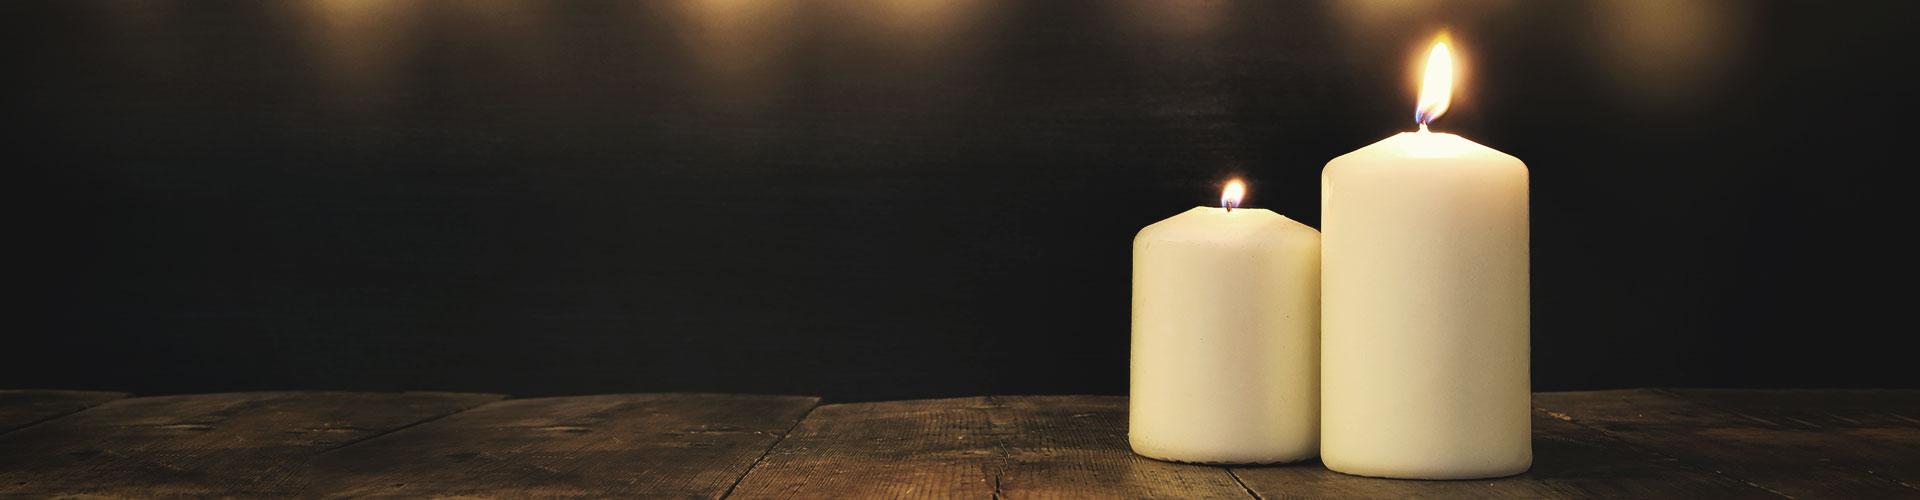 Zwei brennende Kerzen stehen vor einem dunklen Hintergrund